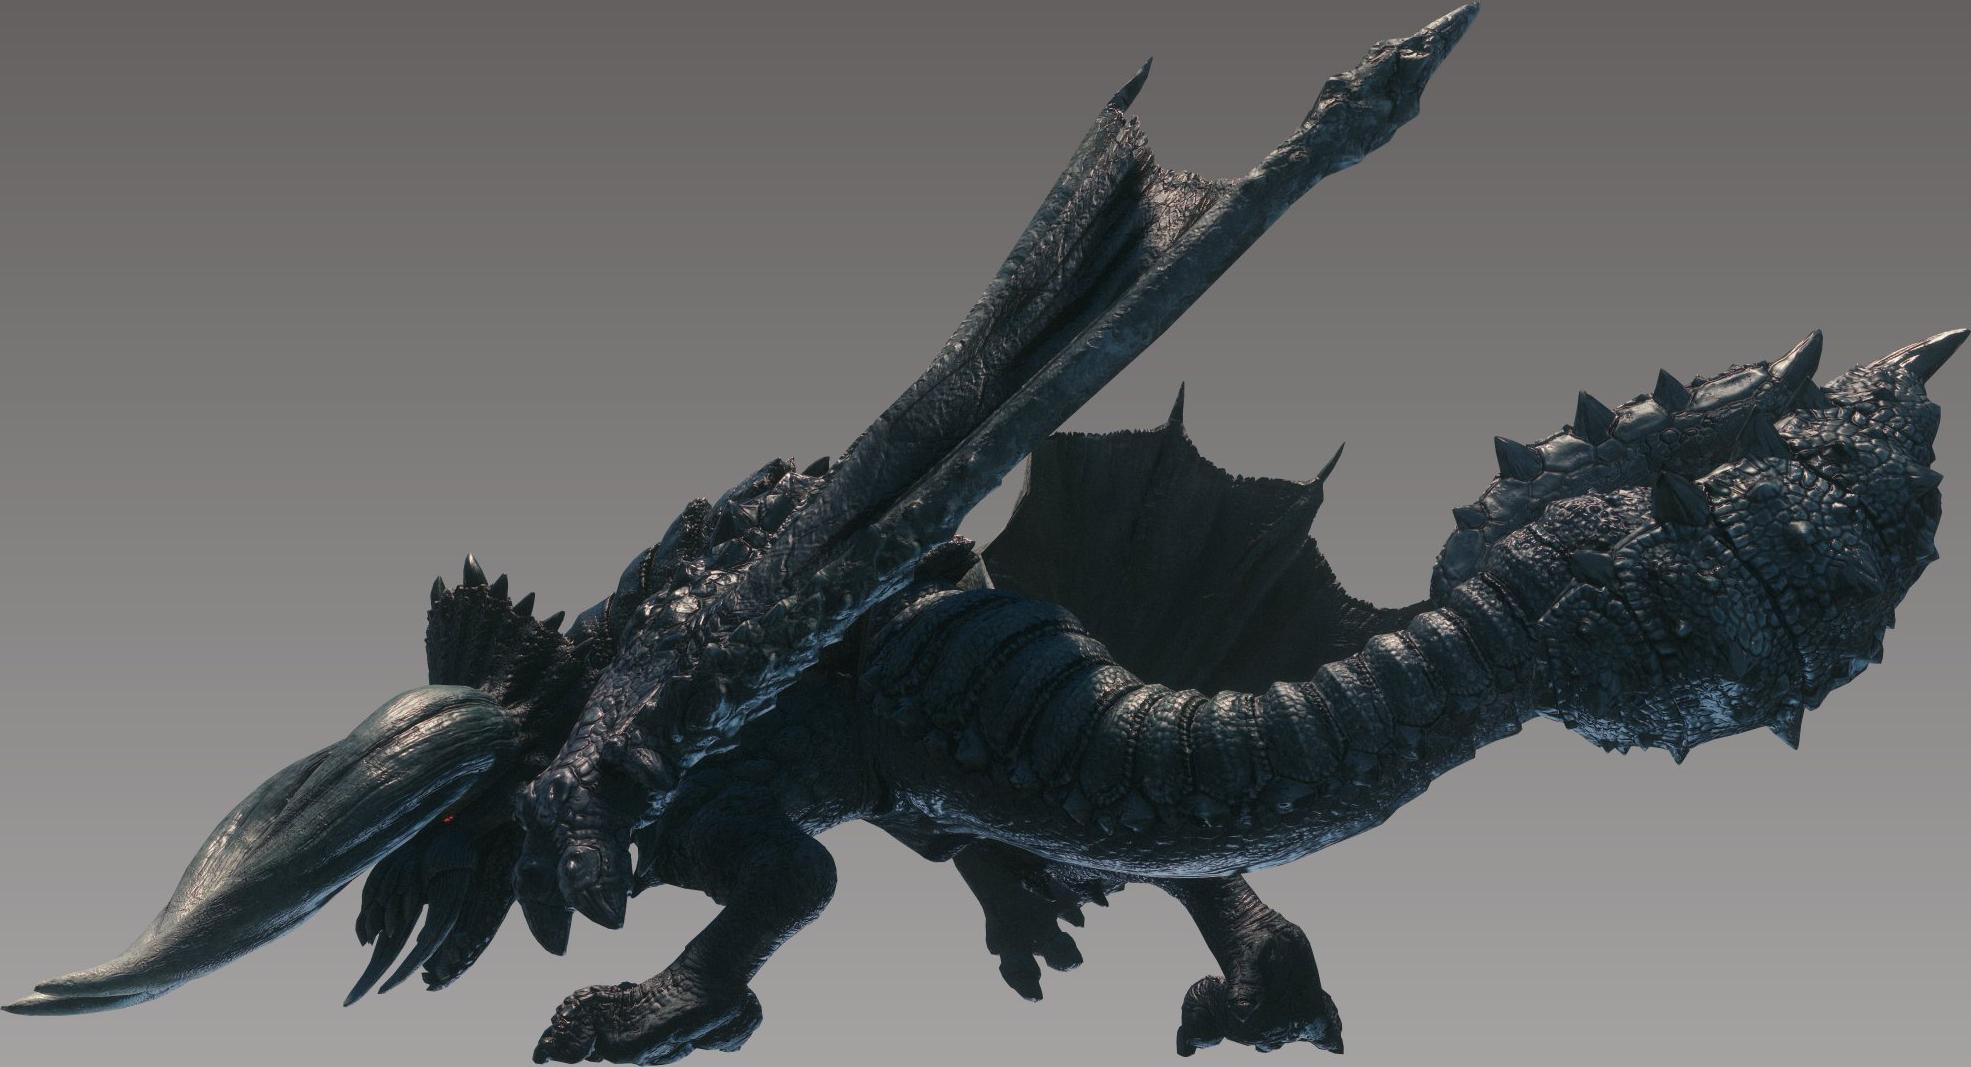 Black Diablos/Monster Hunter World.